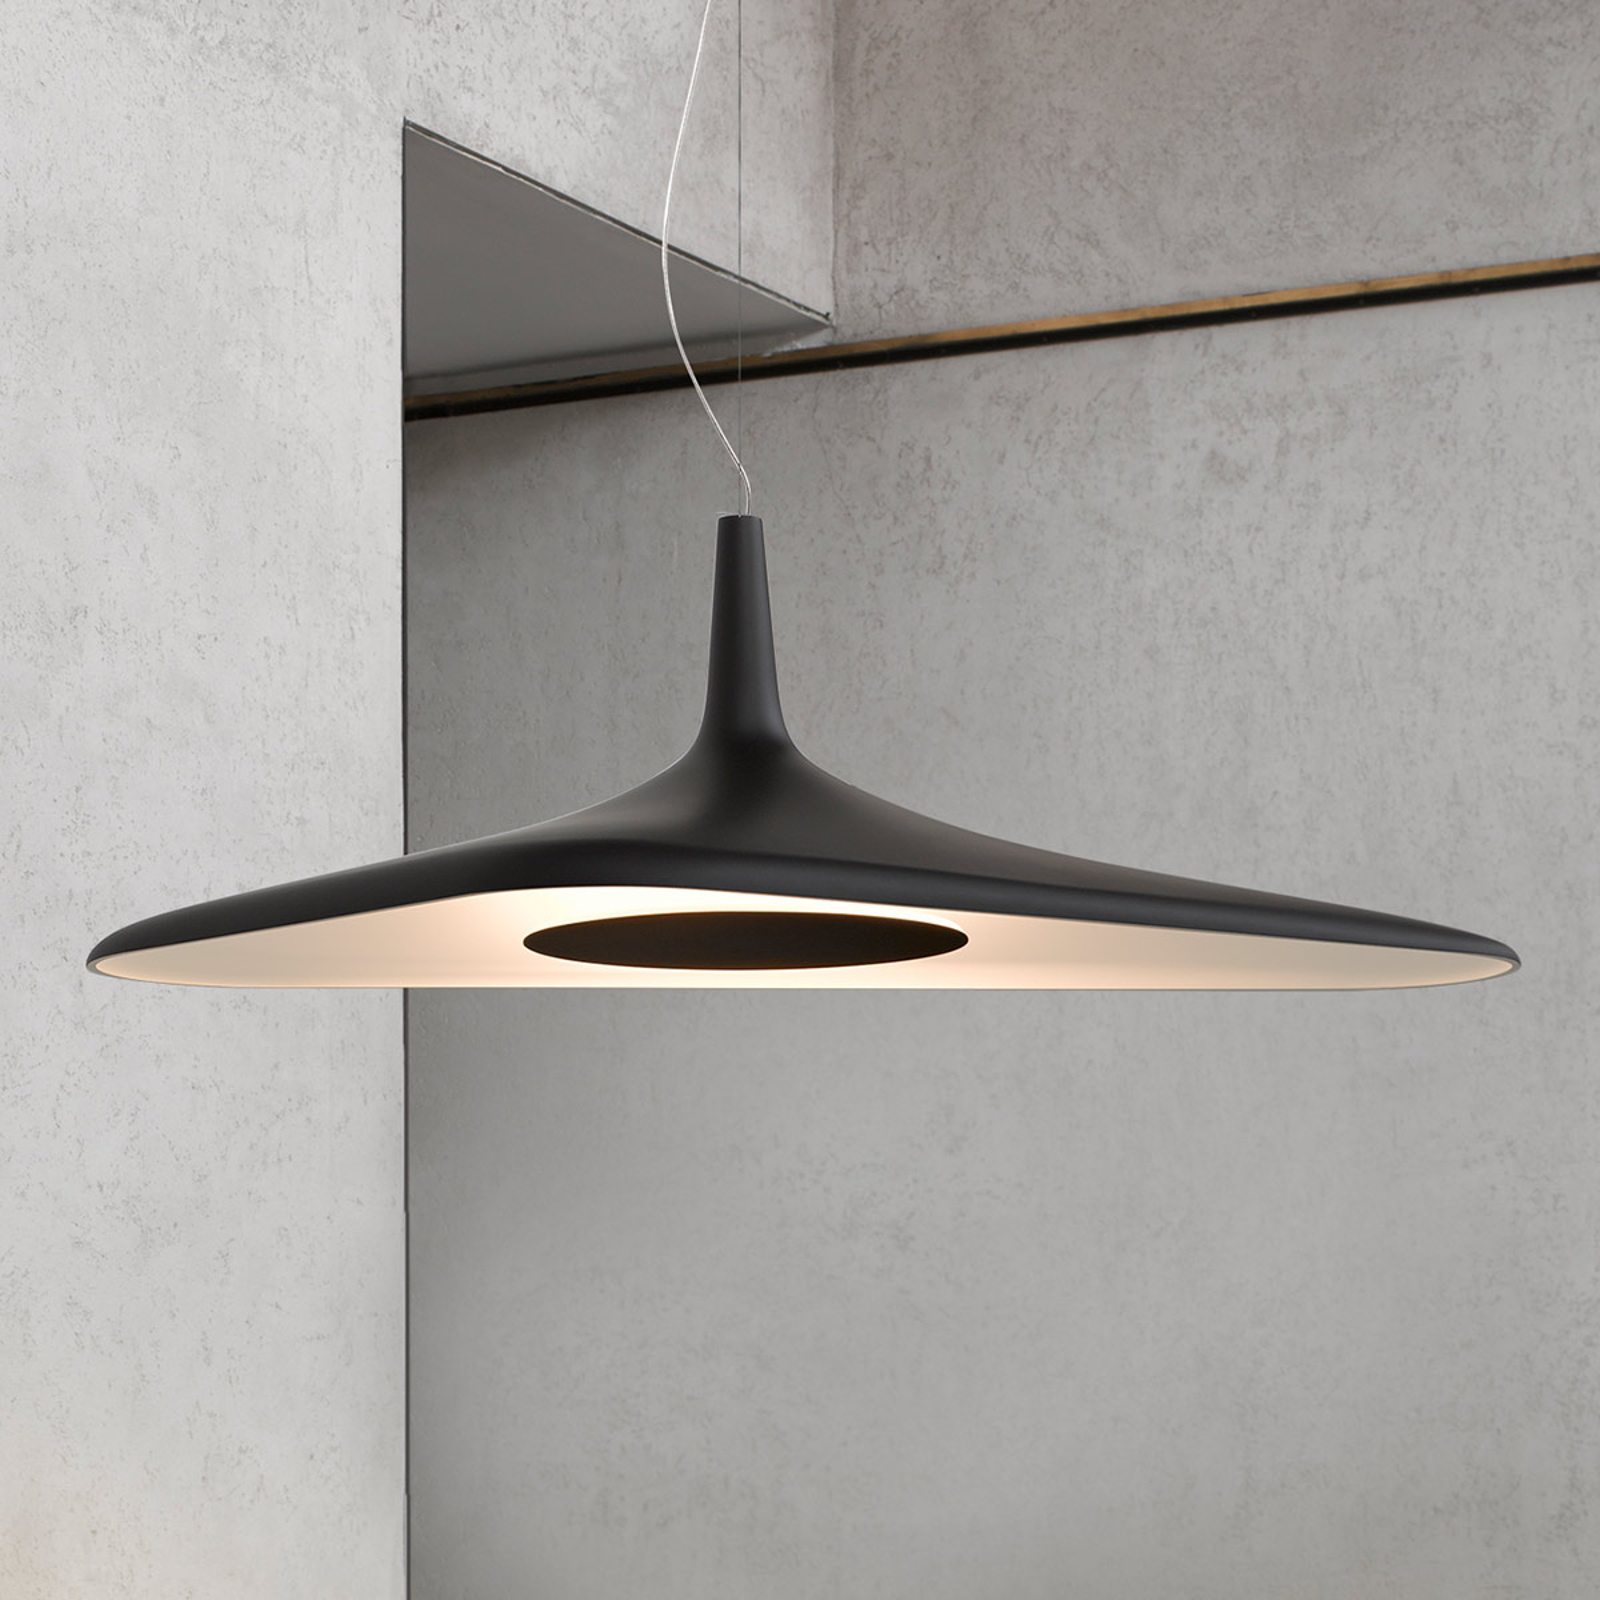 Futurystyczna lampa wisząca LED Soleil Noir